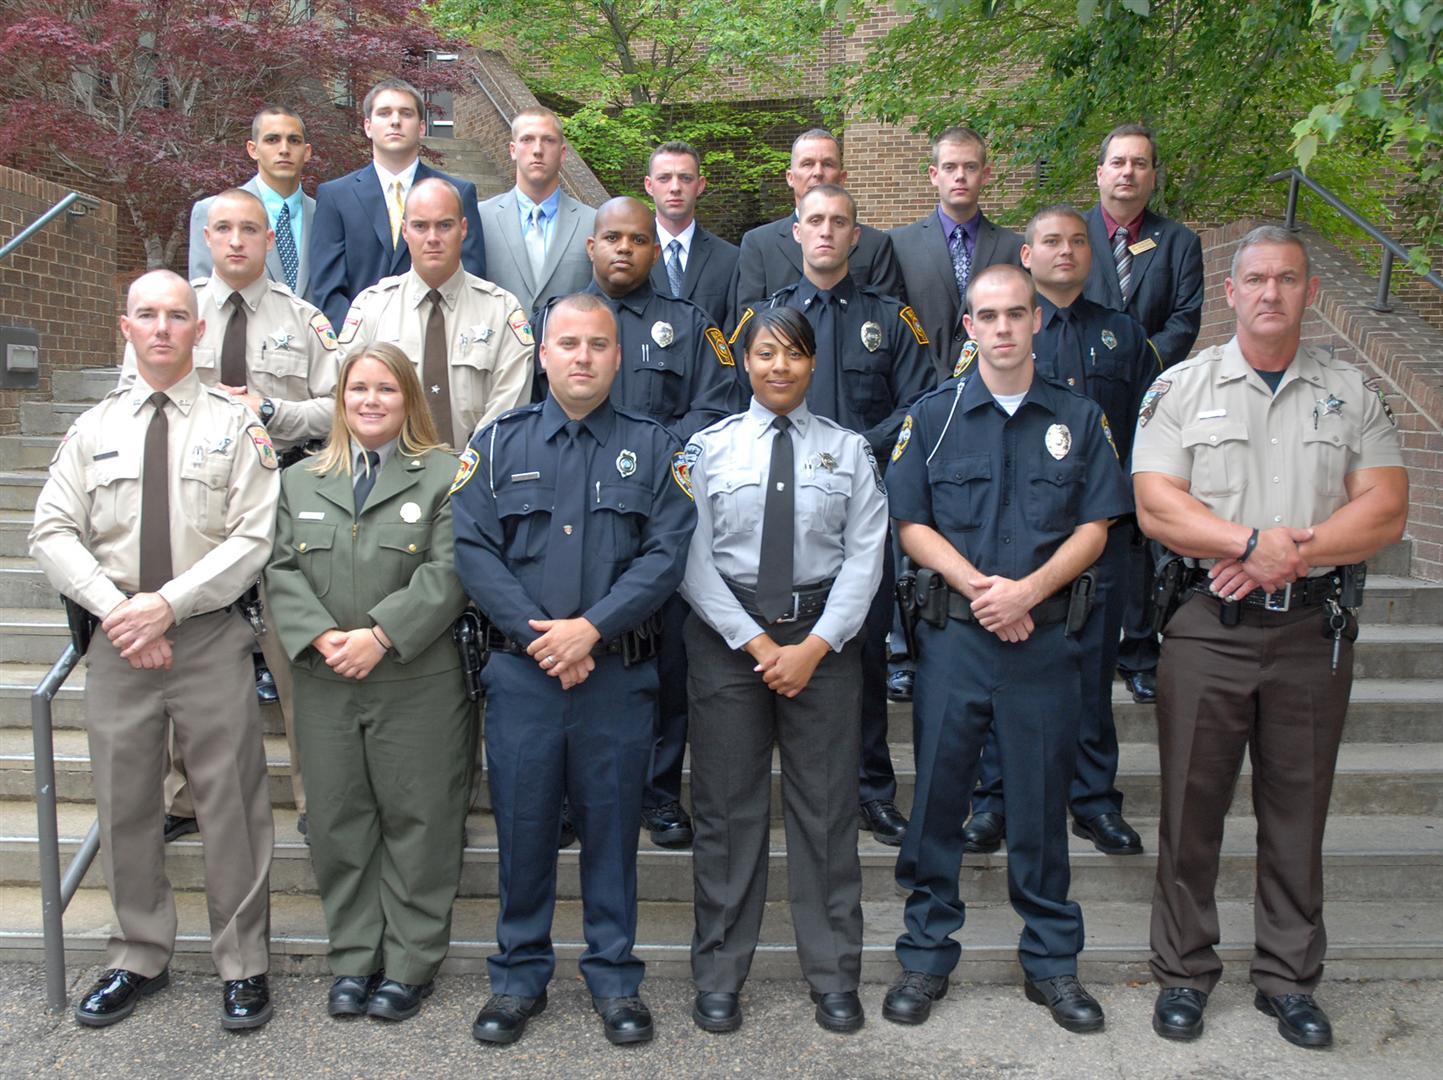 Vgcc Graduates 17 Law Enforcement Cadets In Schools 94th Blet Class